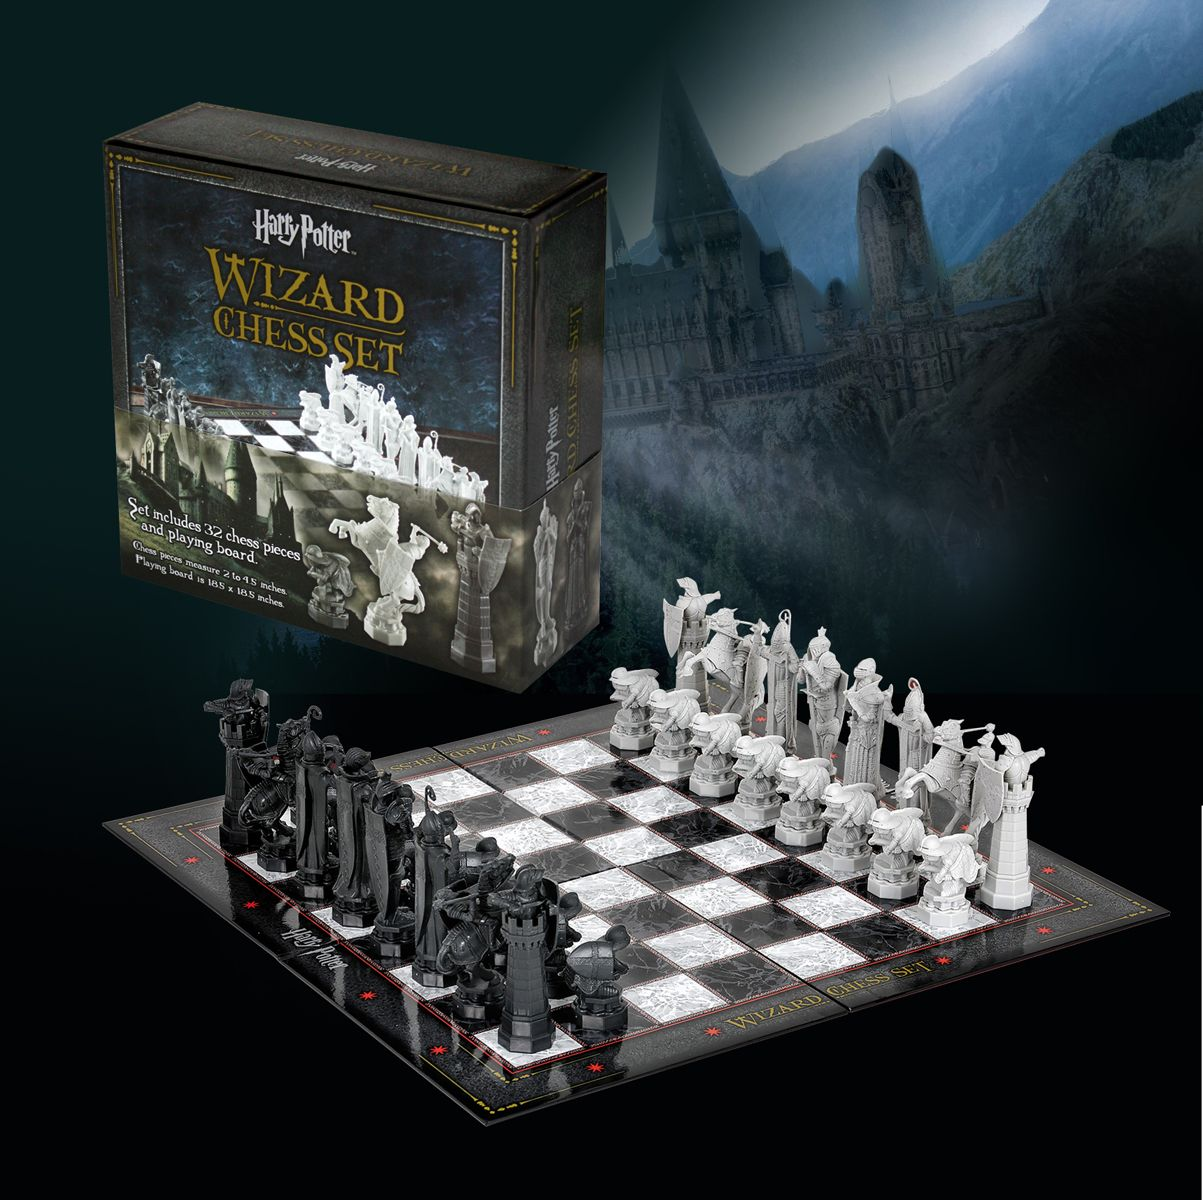 Harry Potter Schachspiel Chess Set In 2020 Schachspiel Schach Spiele